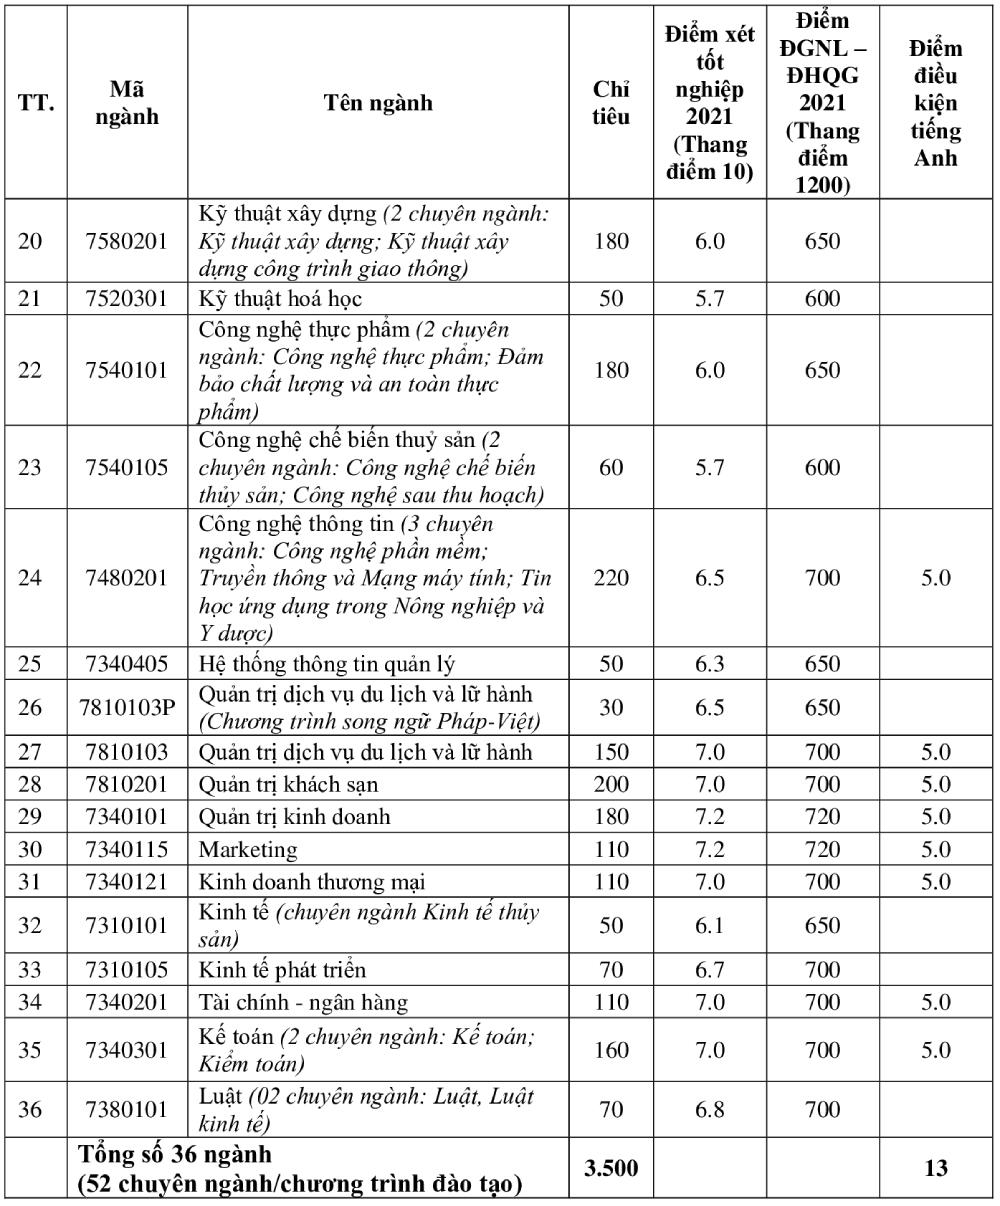 Điểm chuẩn Đại học Nha Trang năm 2021 - 1